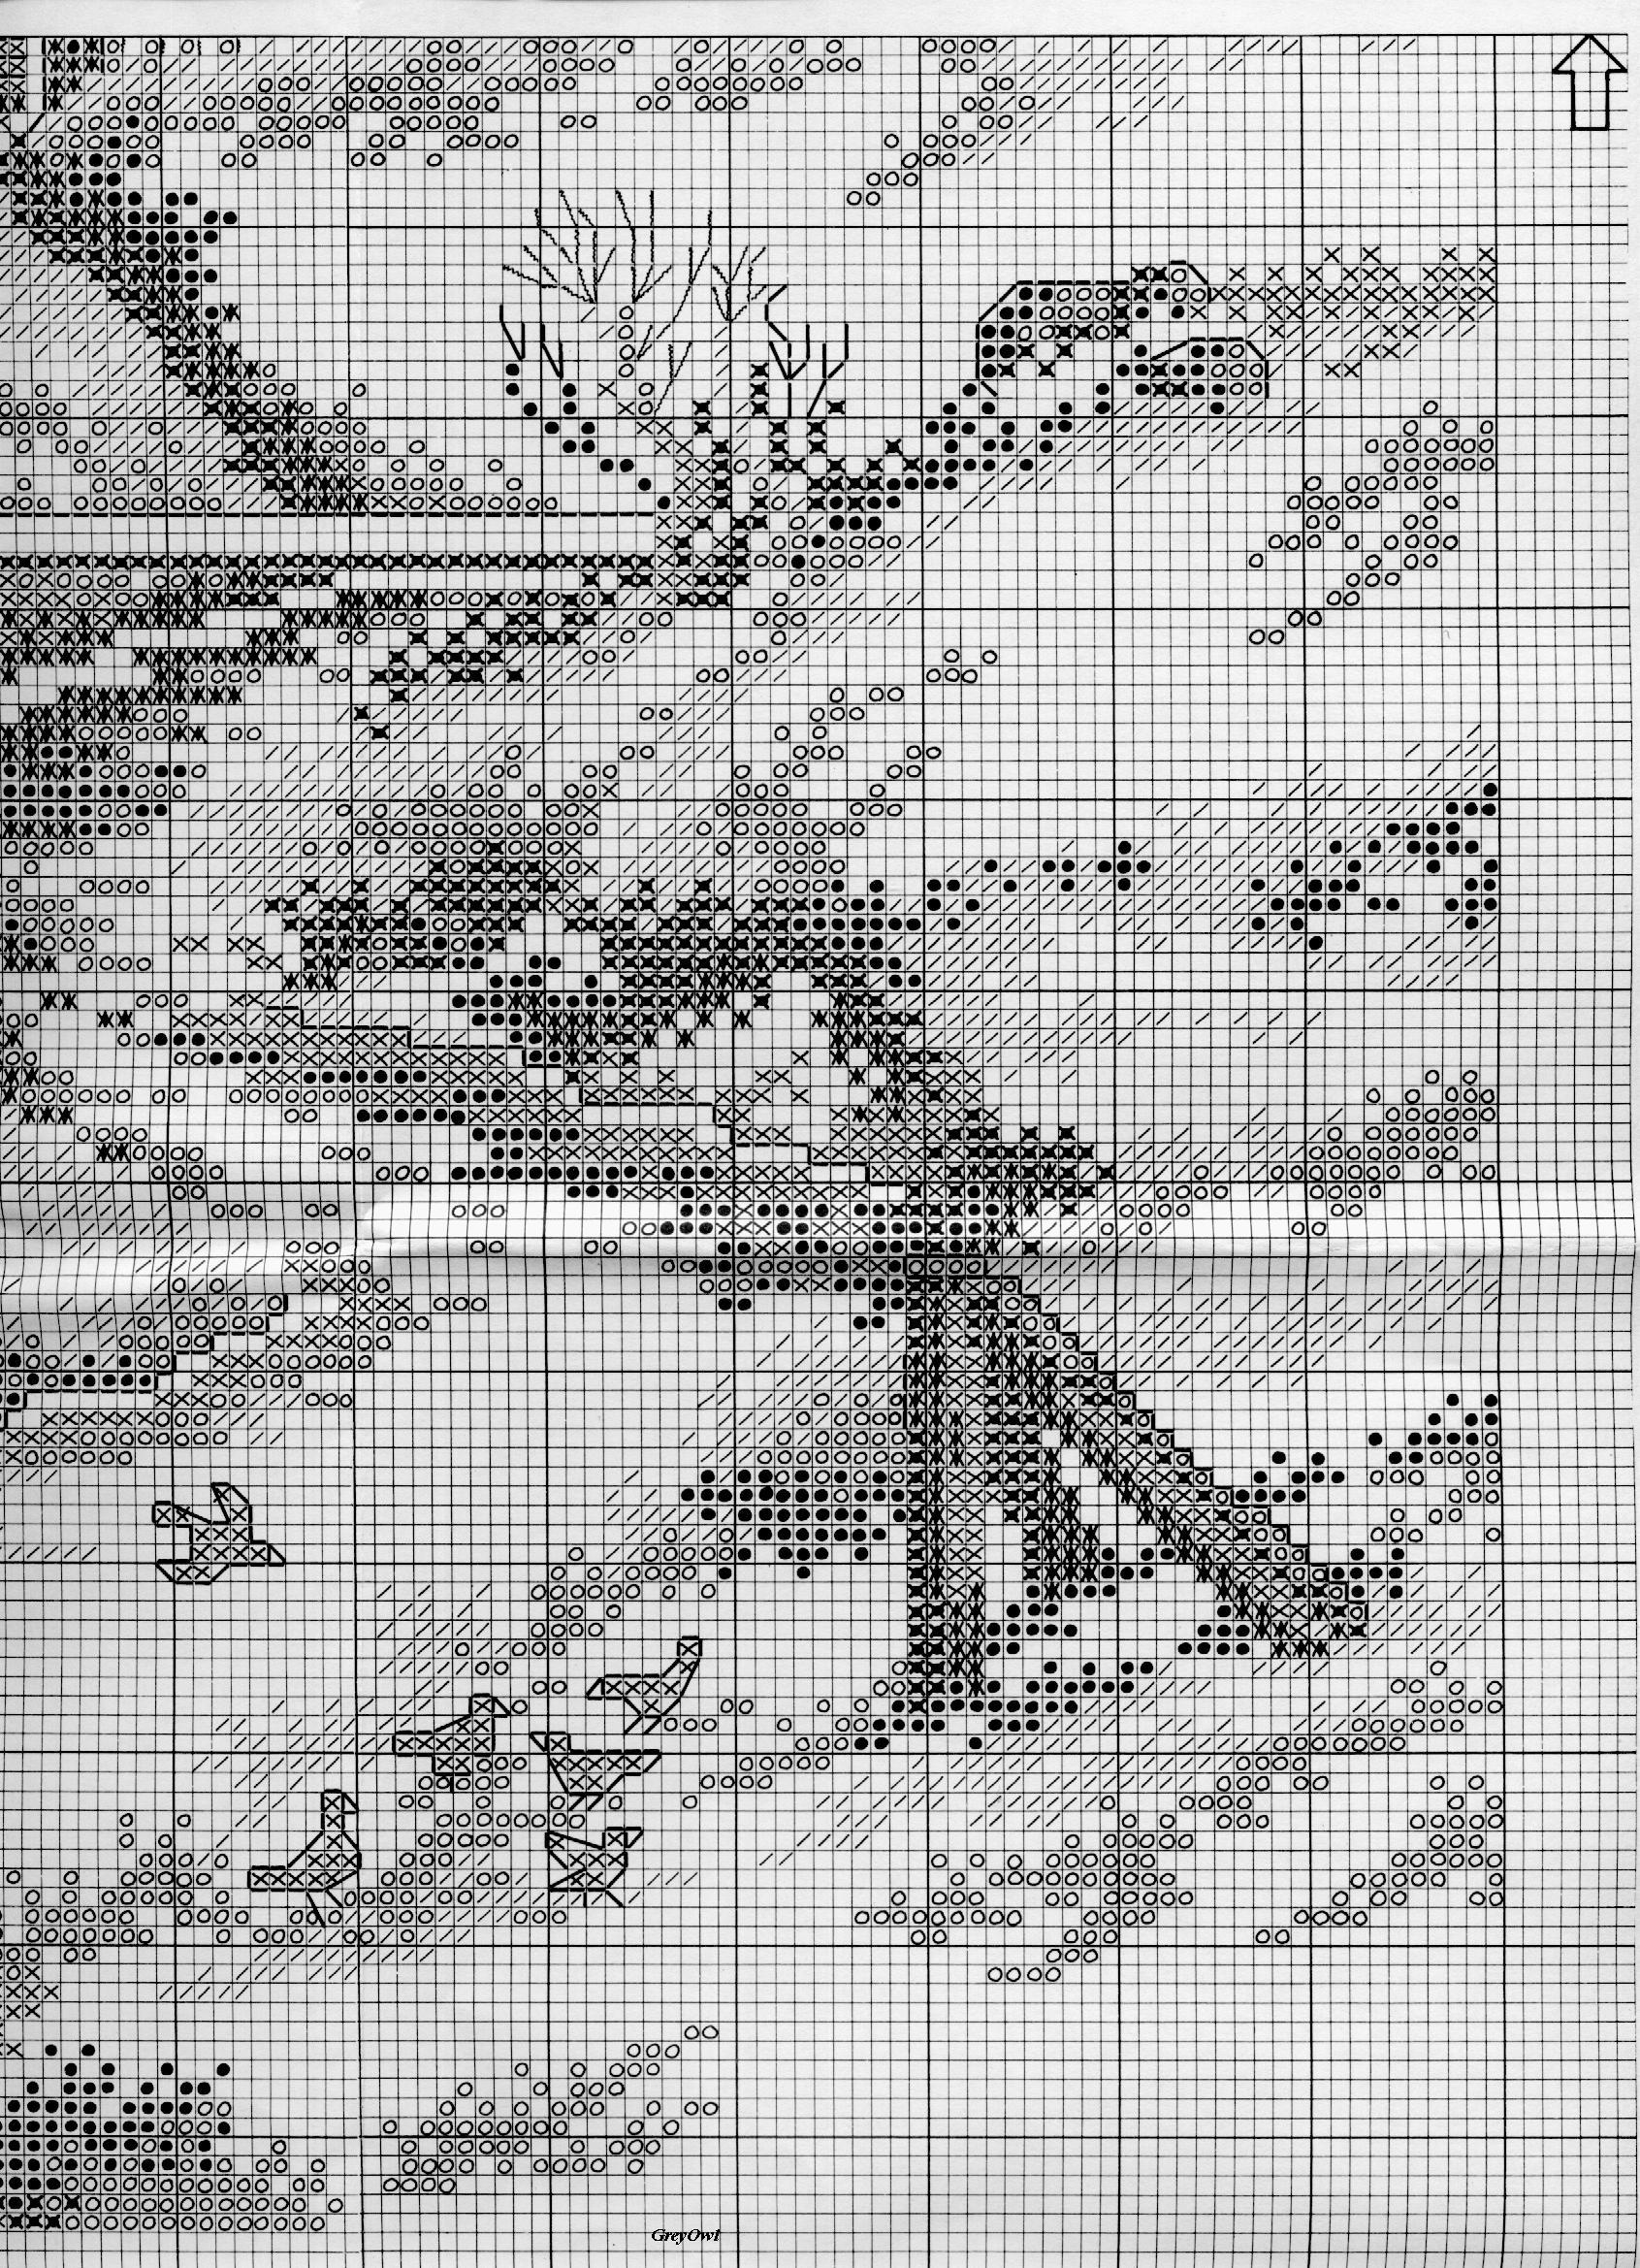 Вышивка крестом монохром пейзаж схемы 634